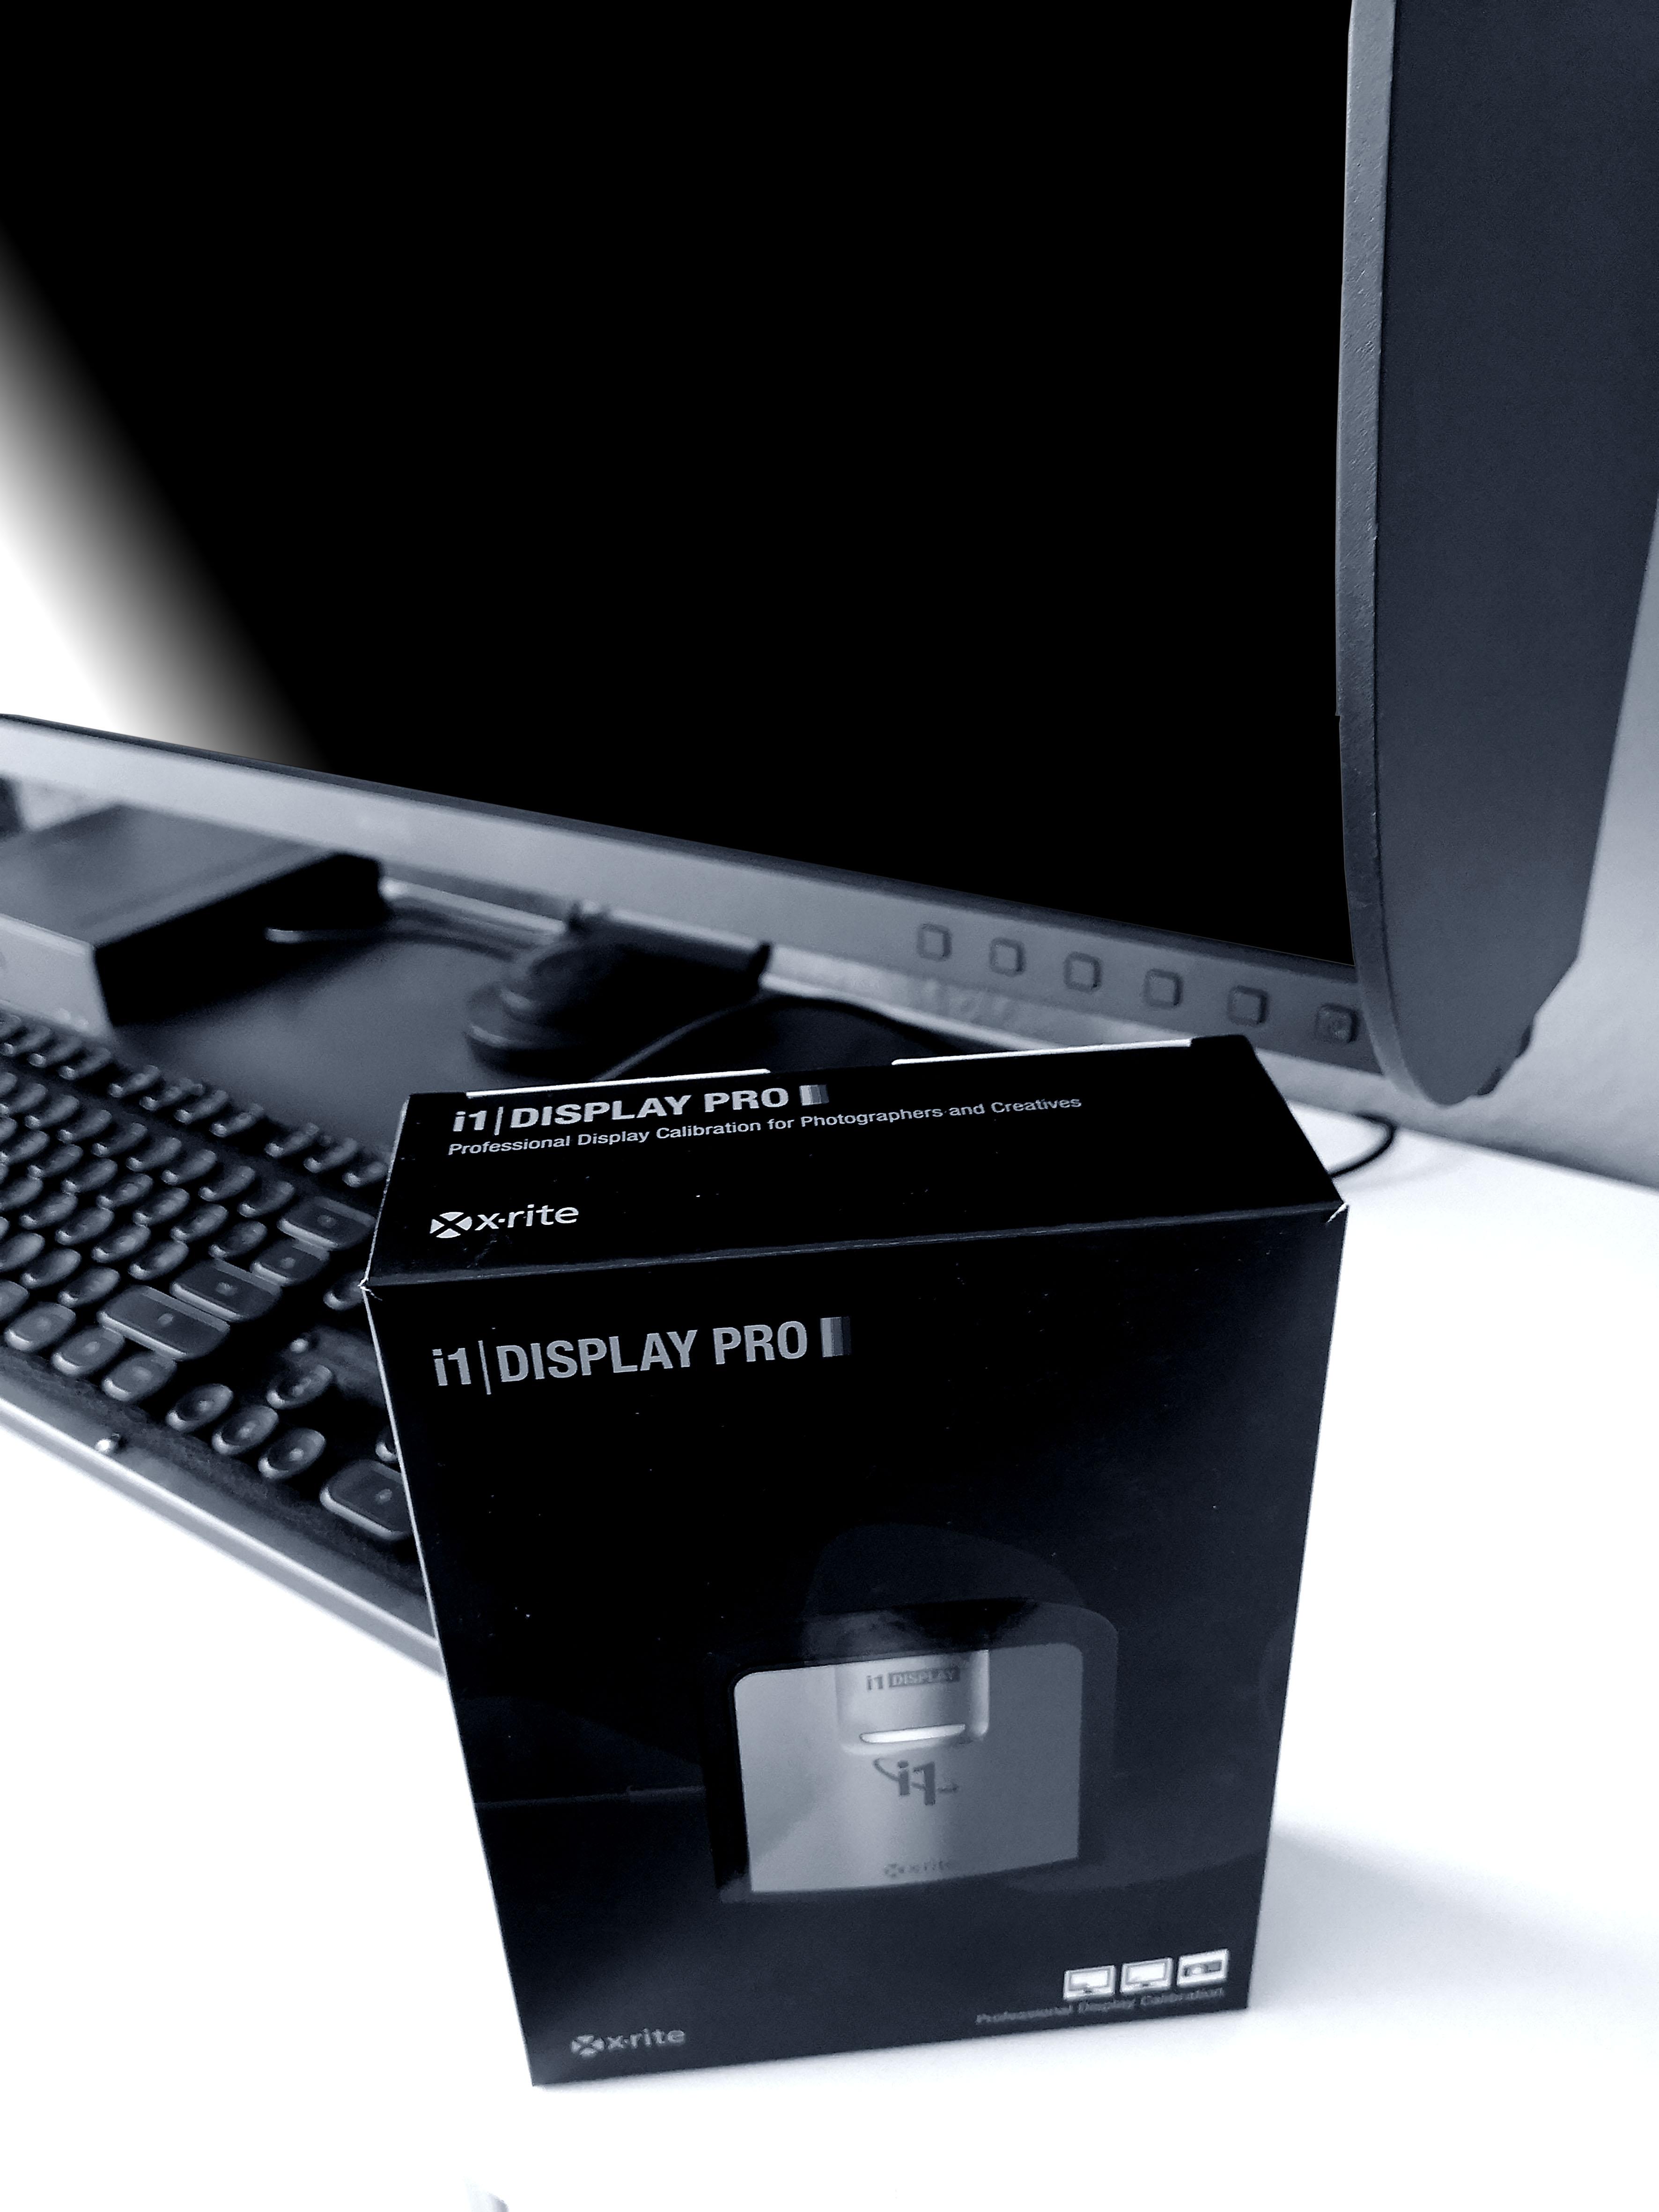 Foto: Michael B. Rehders - Auch mein i1 Display Pro kam kurz zum Einsatz. Hier noch verpackt vor meinen BenQ SW320.